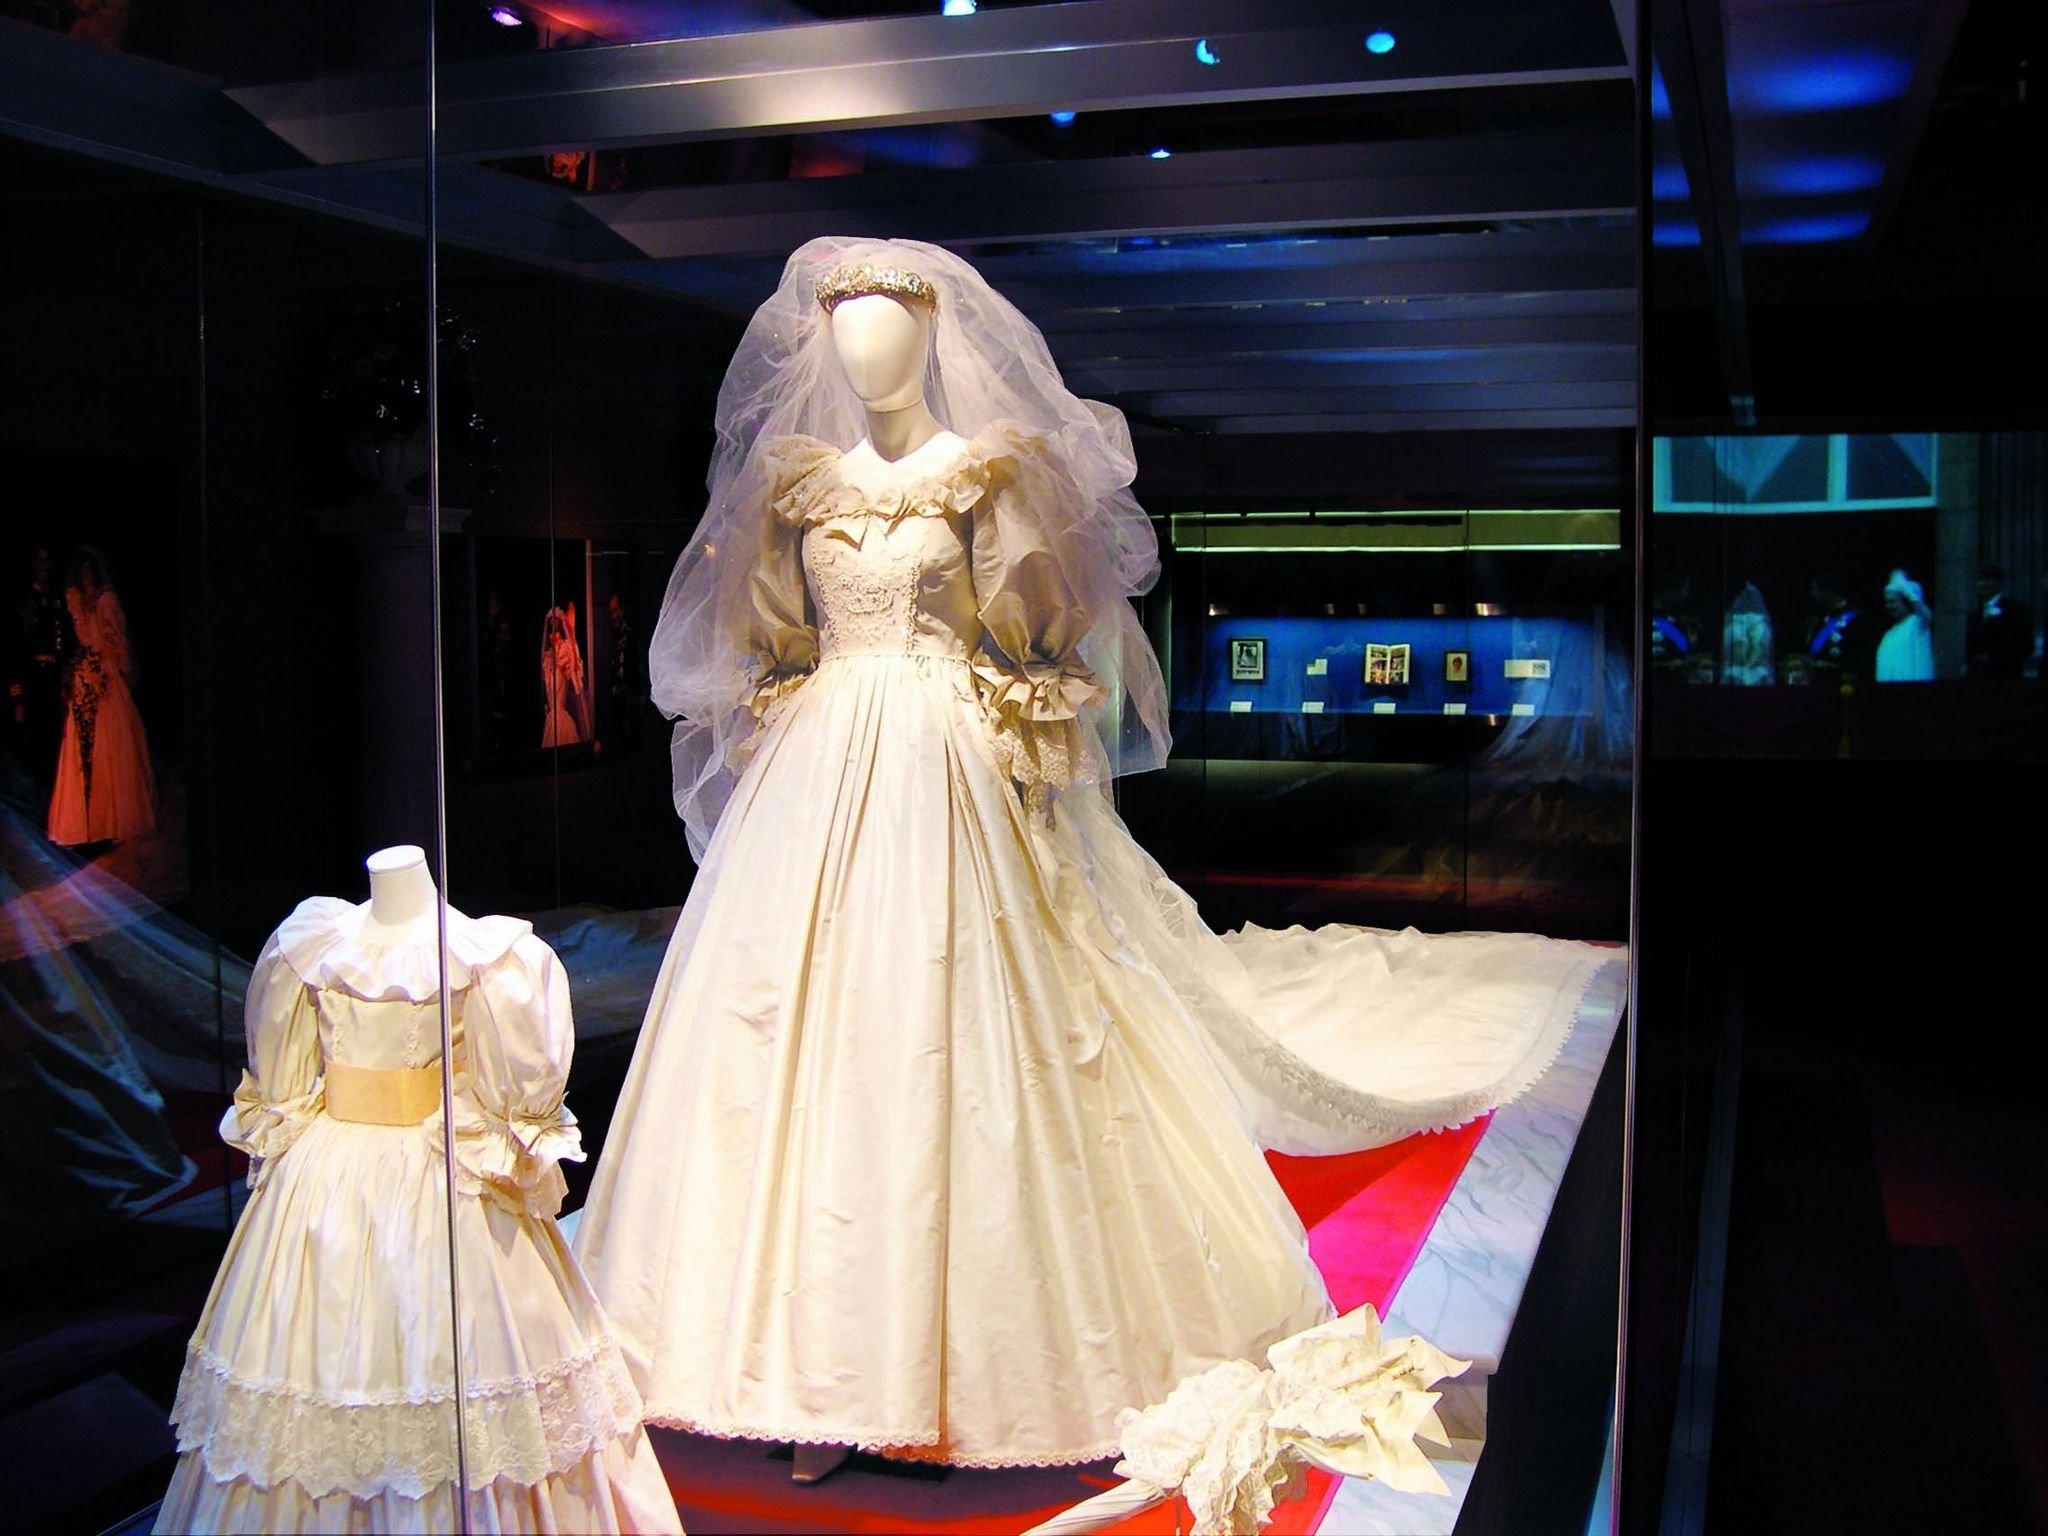 Hochzeitskleid der Prinzessin Diana